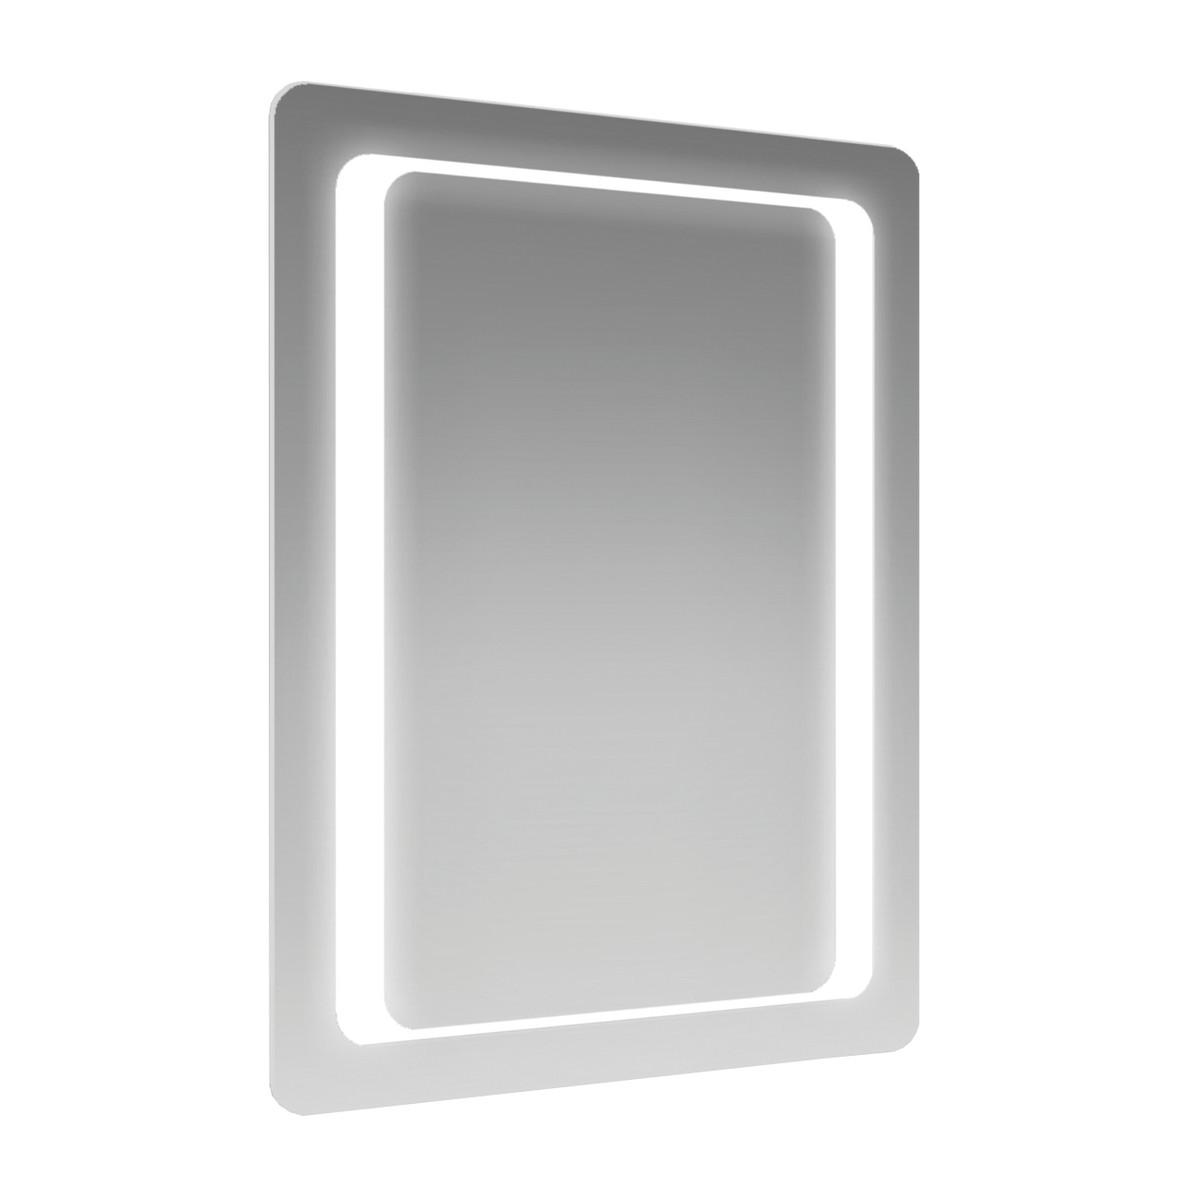 Specchi Bagno On Line. Specchi Bagno Di Design E Moderni ...